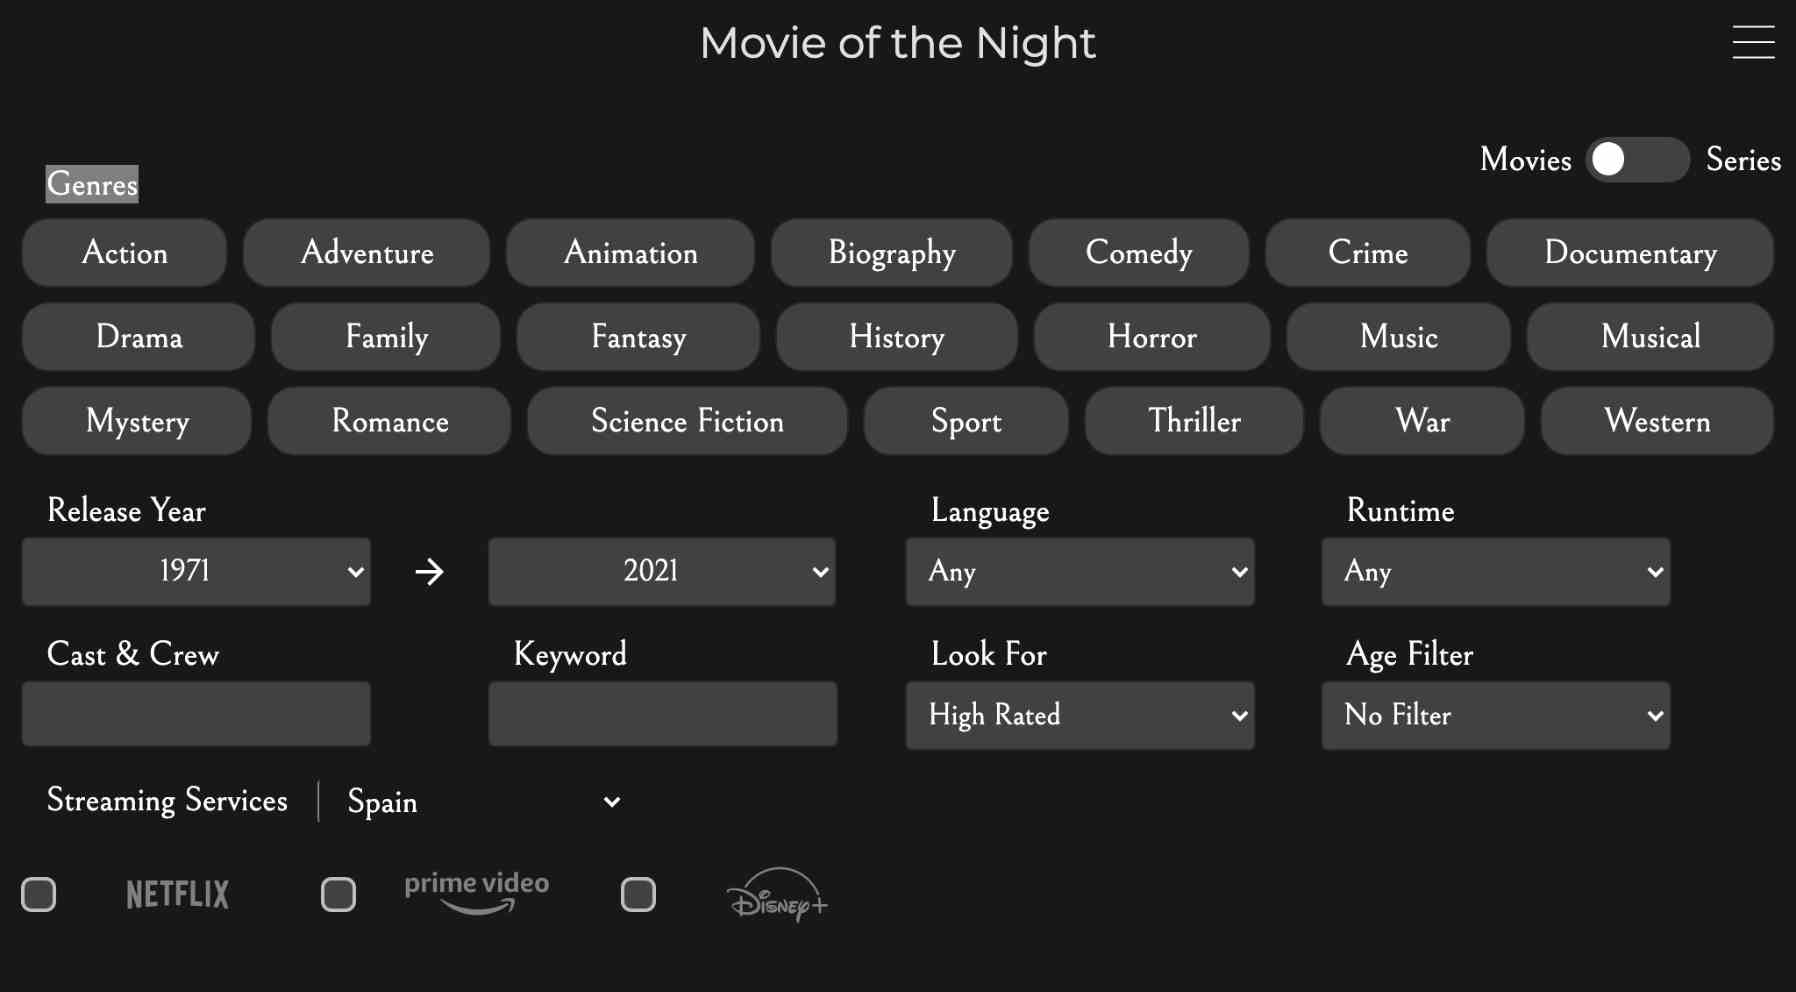 Un buscador de películas y series que unifica muchas plataformas de streaming